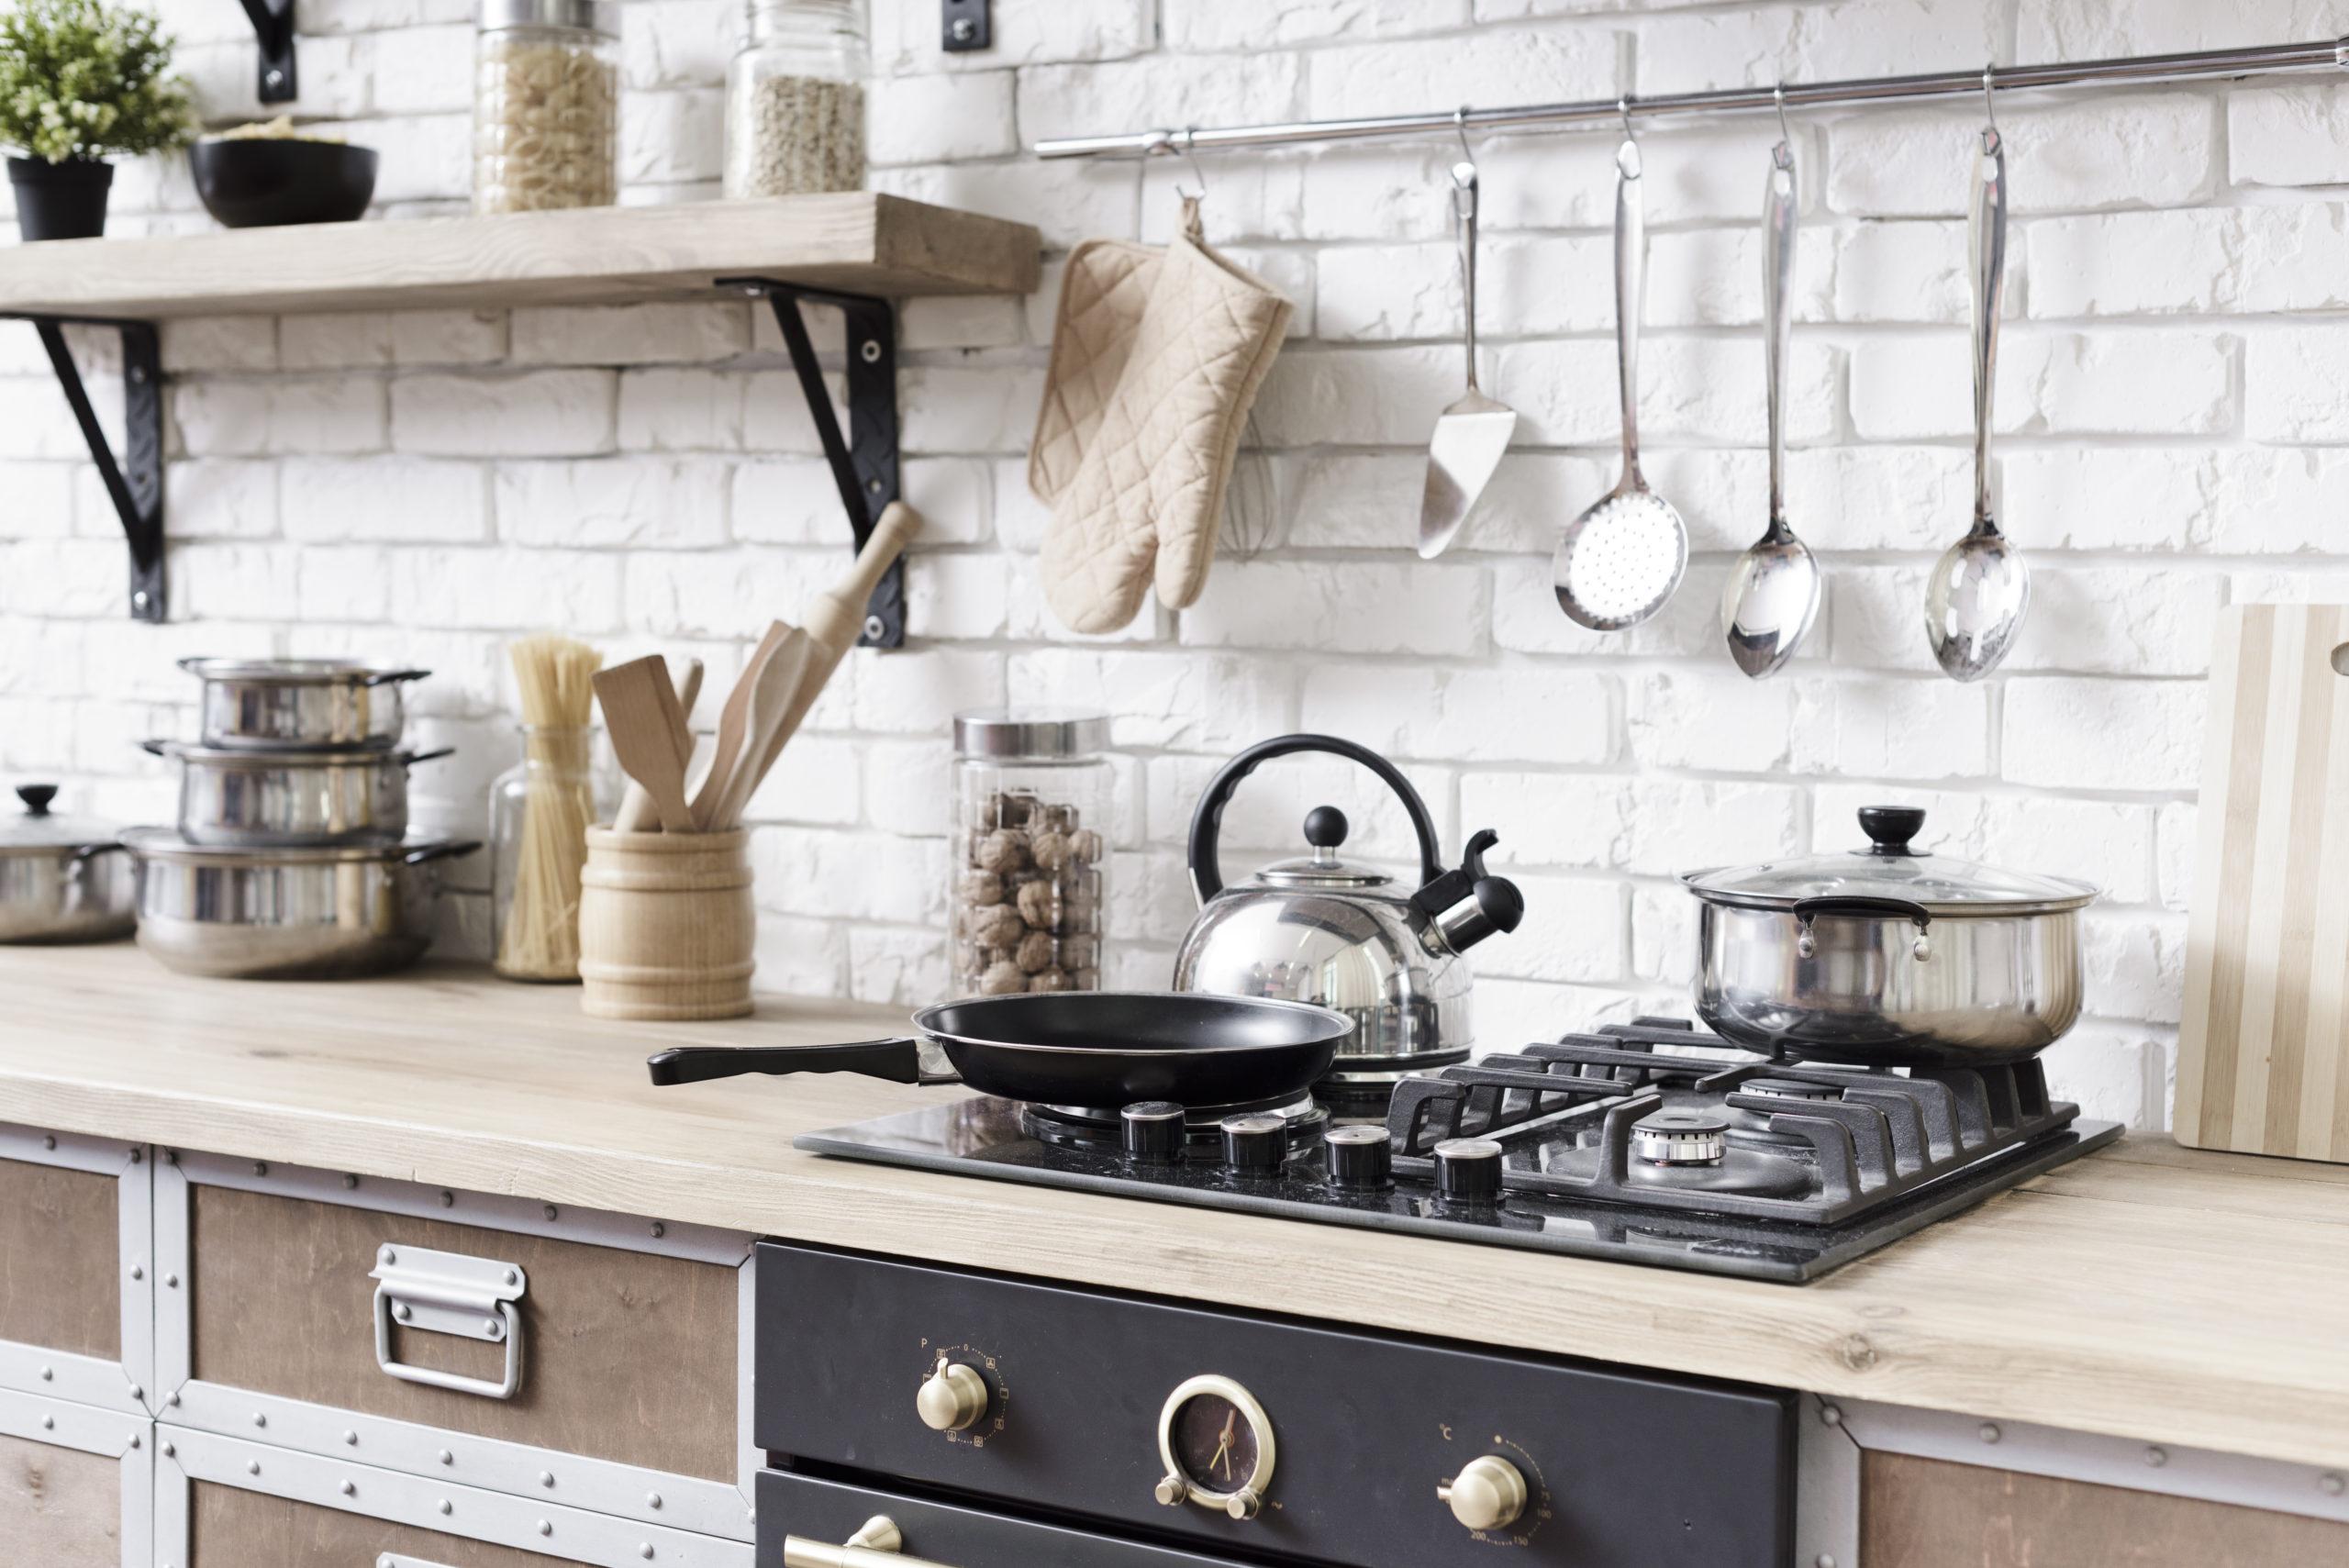 4. Prateleira alta para armazenar utensílios de cozinha